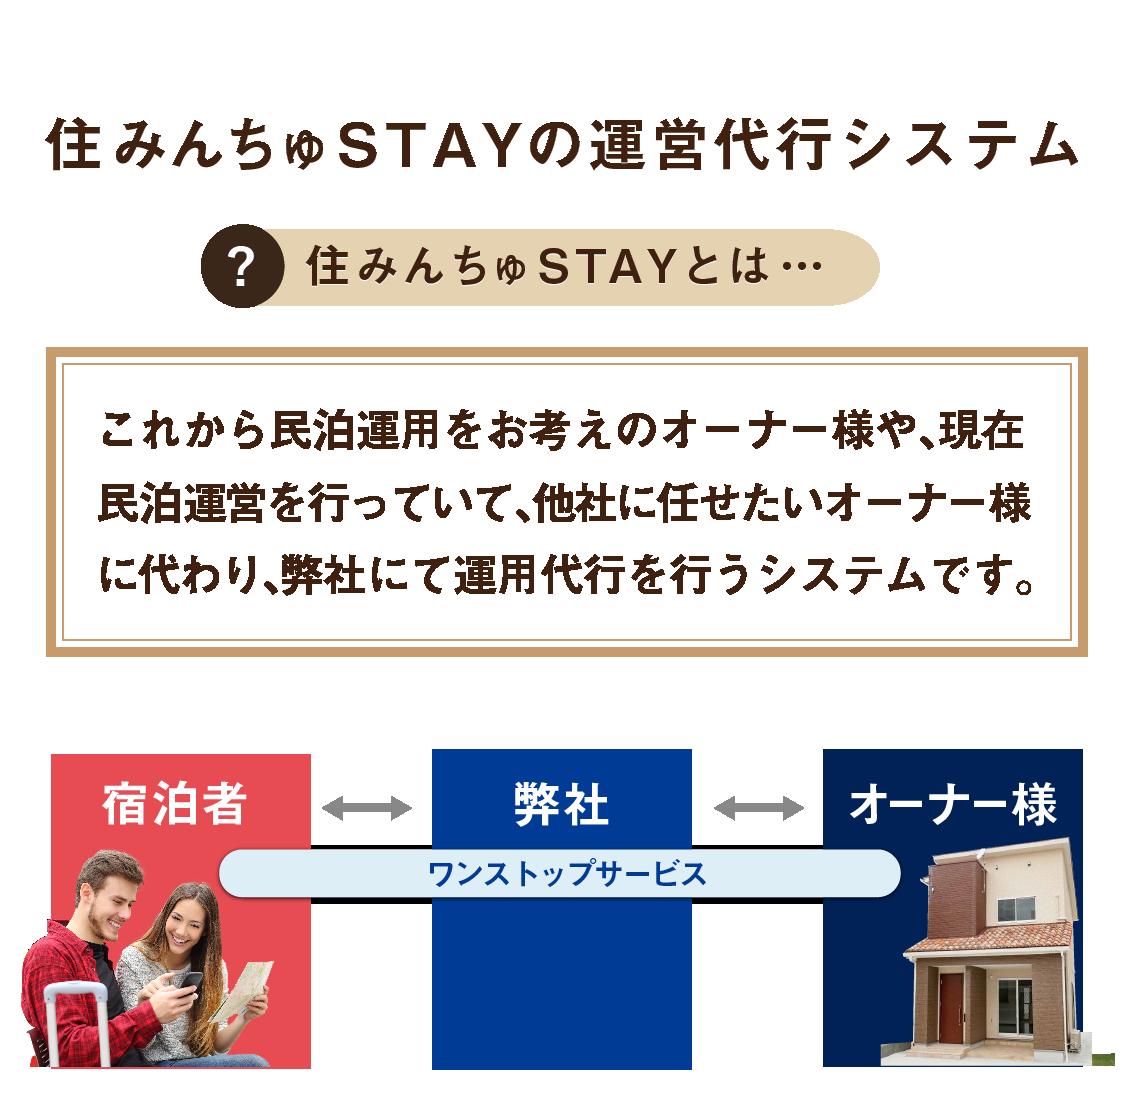 住みんちゅSTAYの運営代行システム,これから民泊運用をお考えのオーナー様や、現在民泊運営を行っていて他社に任せたいオーナー様に代わり、弊社にて運用代行を行うシステムです。ワンストップサービス